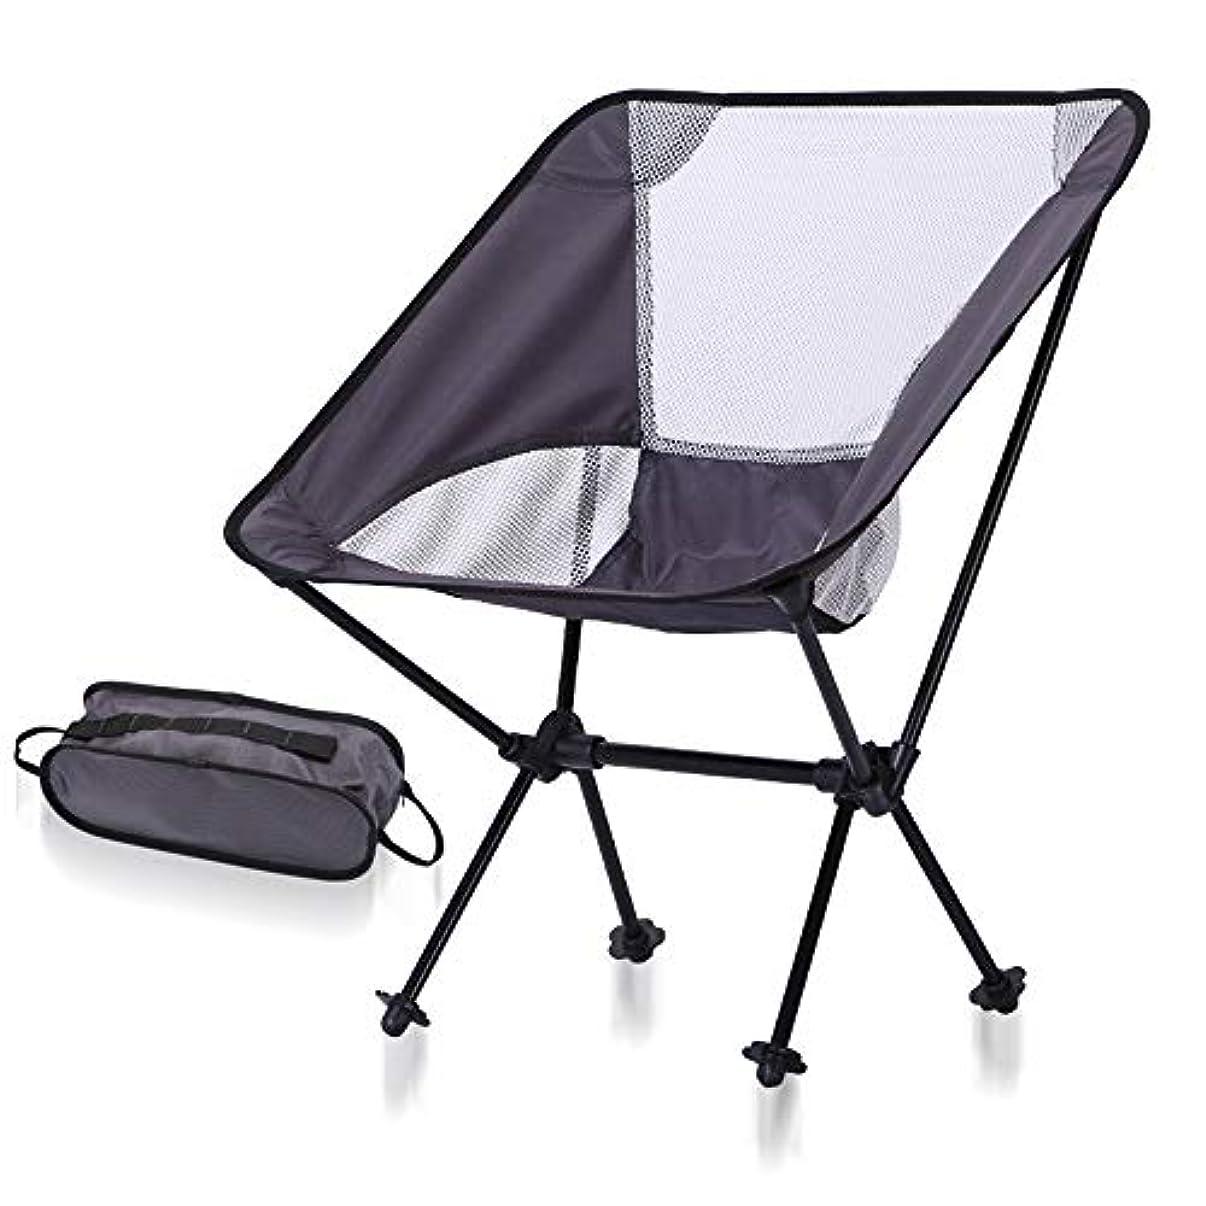 持続的かもしれない前部折りたたみキャンプチェアキャリーバッグ付き釣りハイキングピクニック用ポータブル屋外コンパクト超軽量ビーチチェア